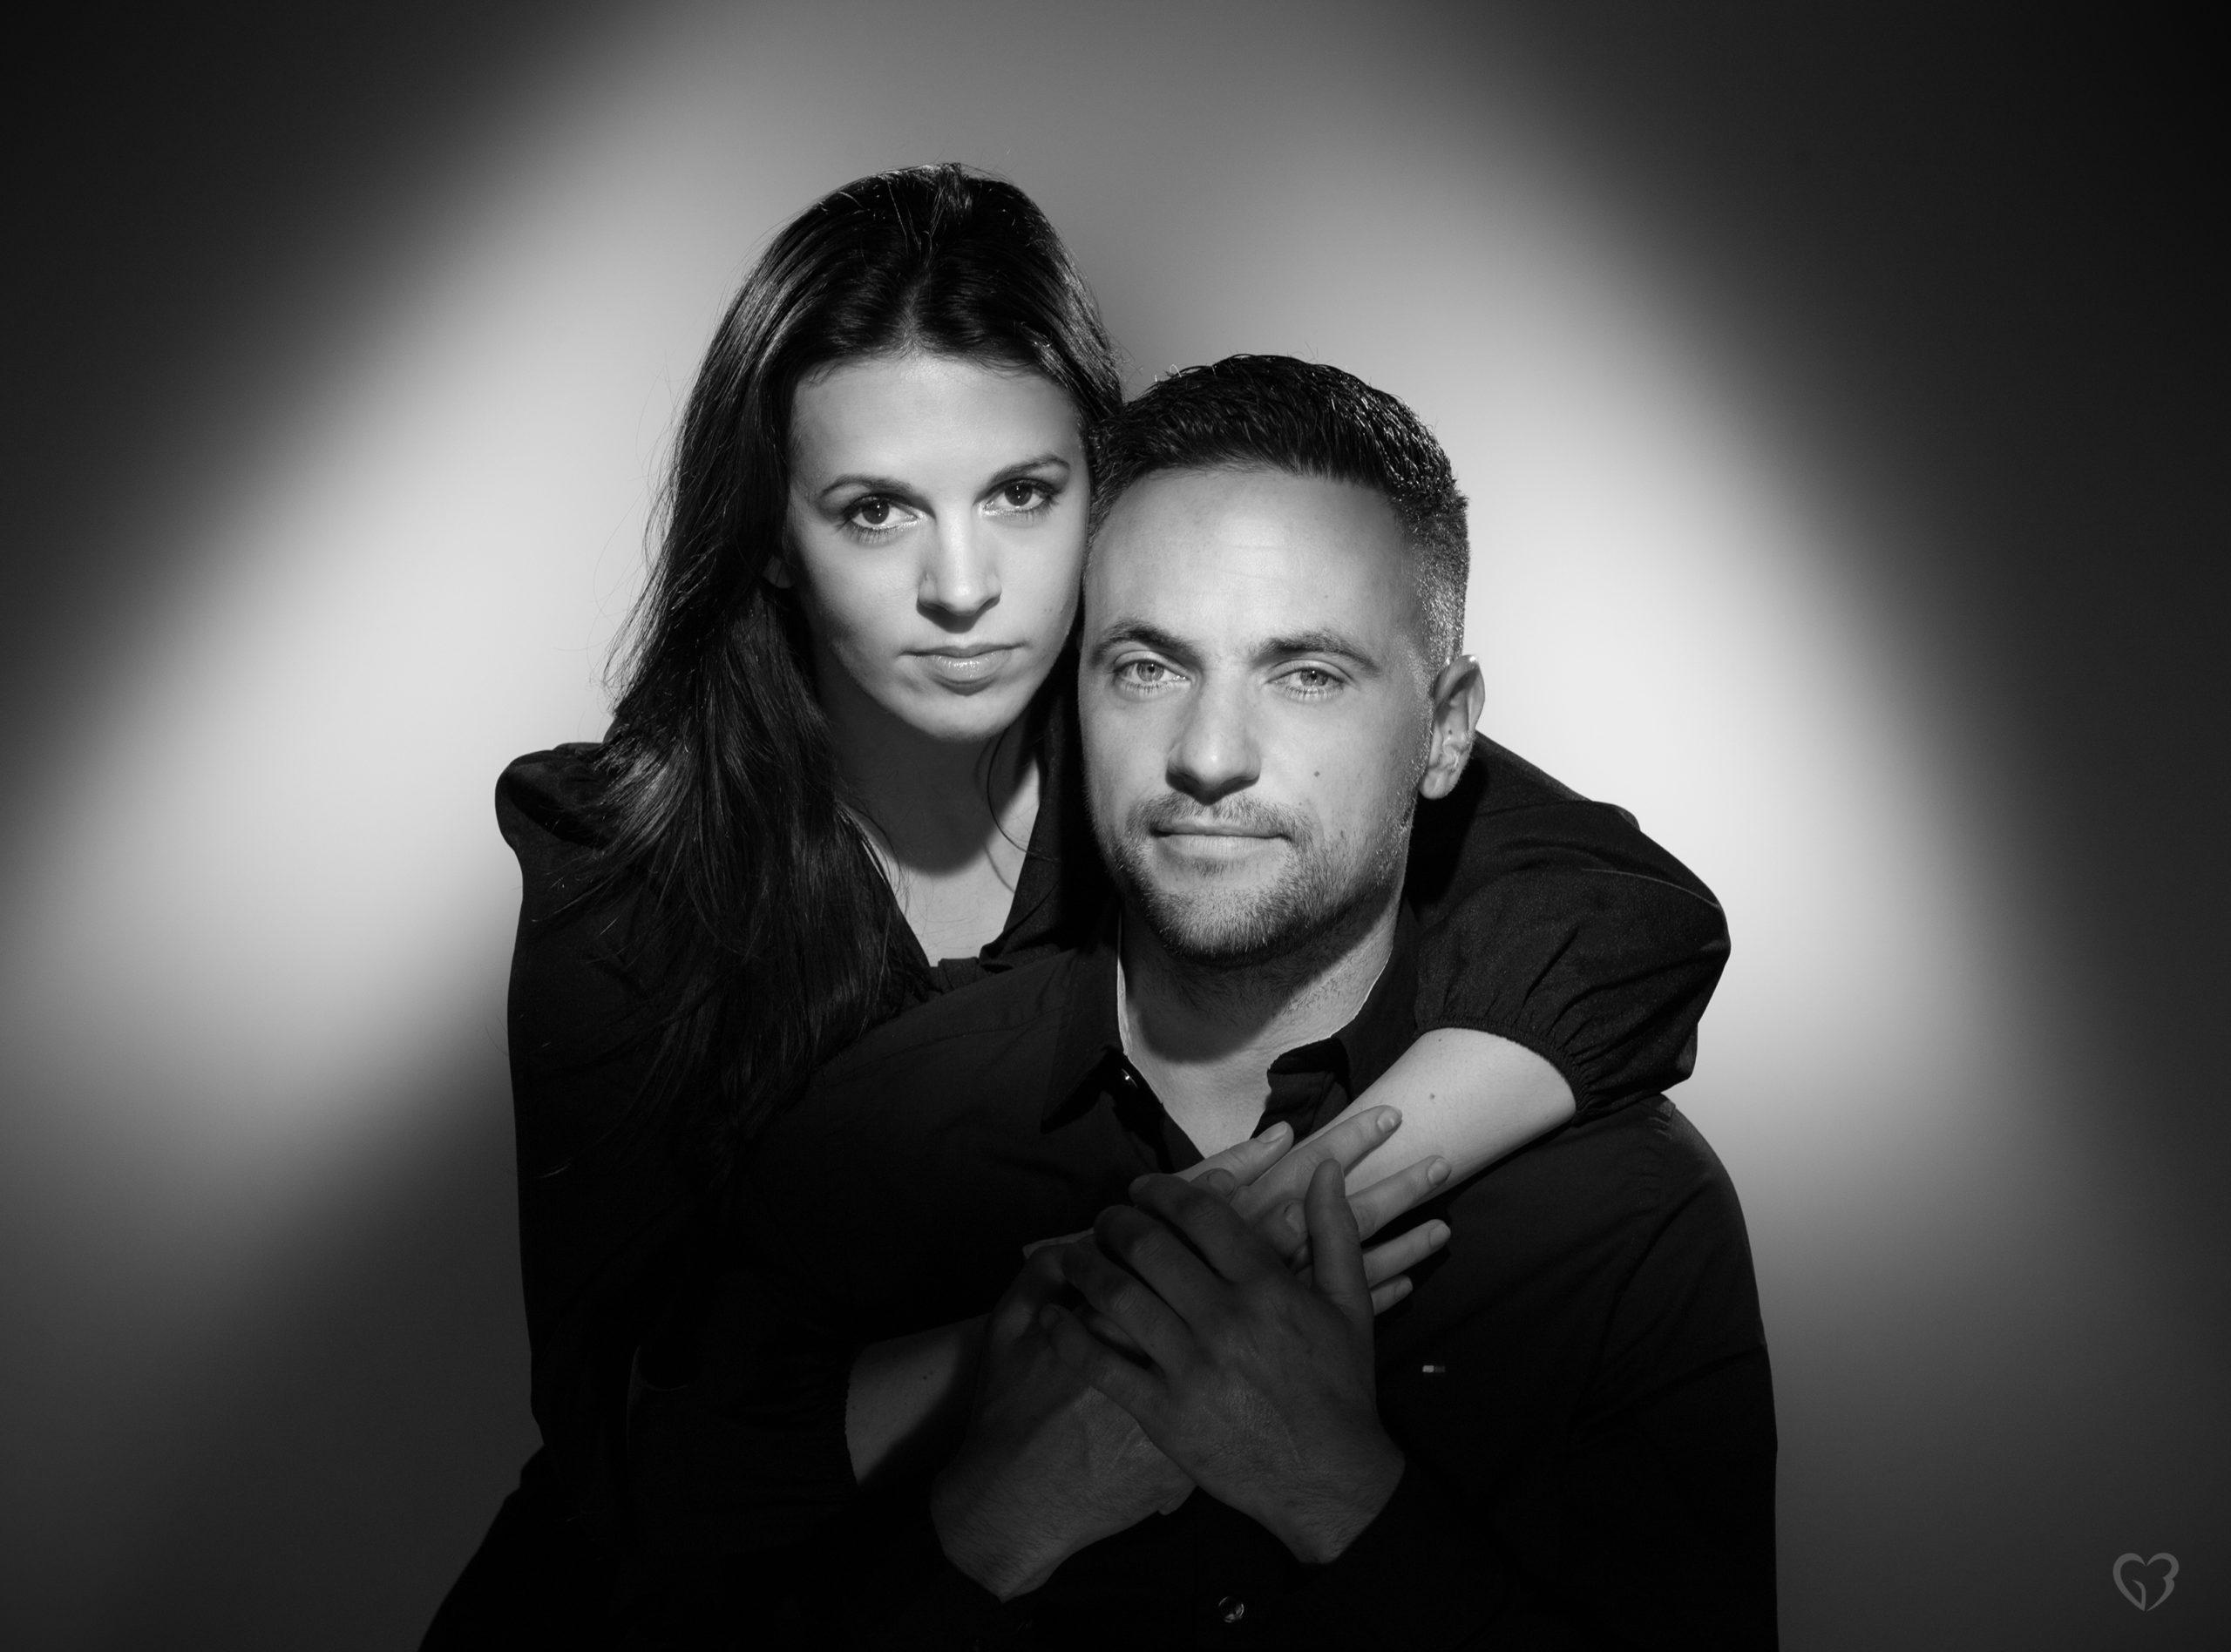 Photographe Bordeaux Talence portrait noir et blanc